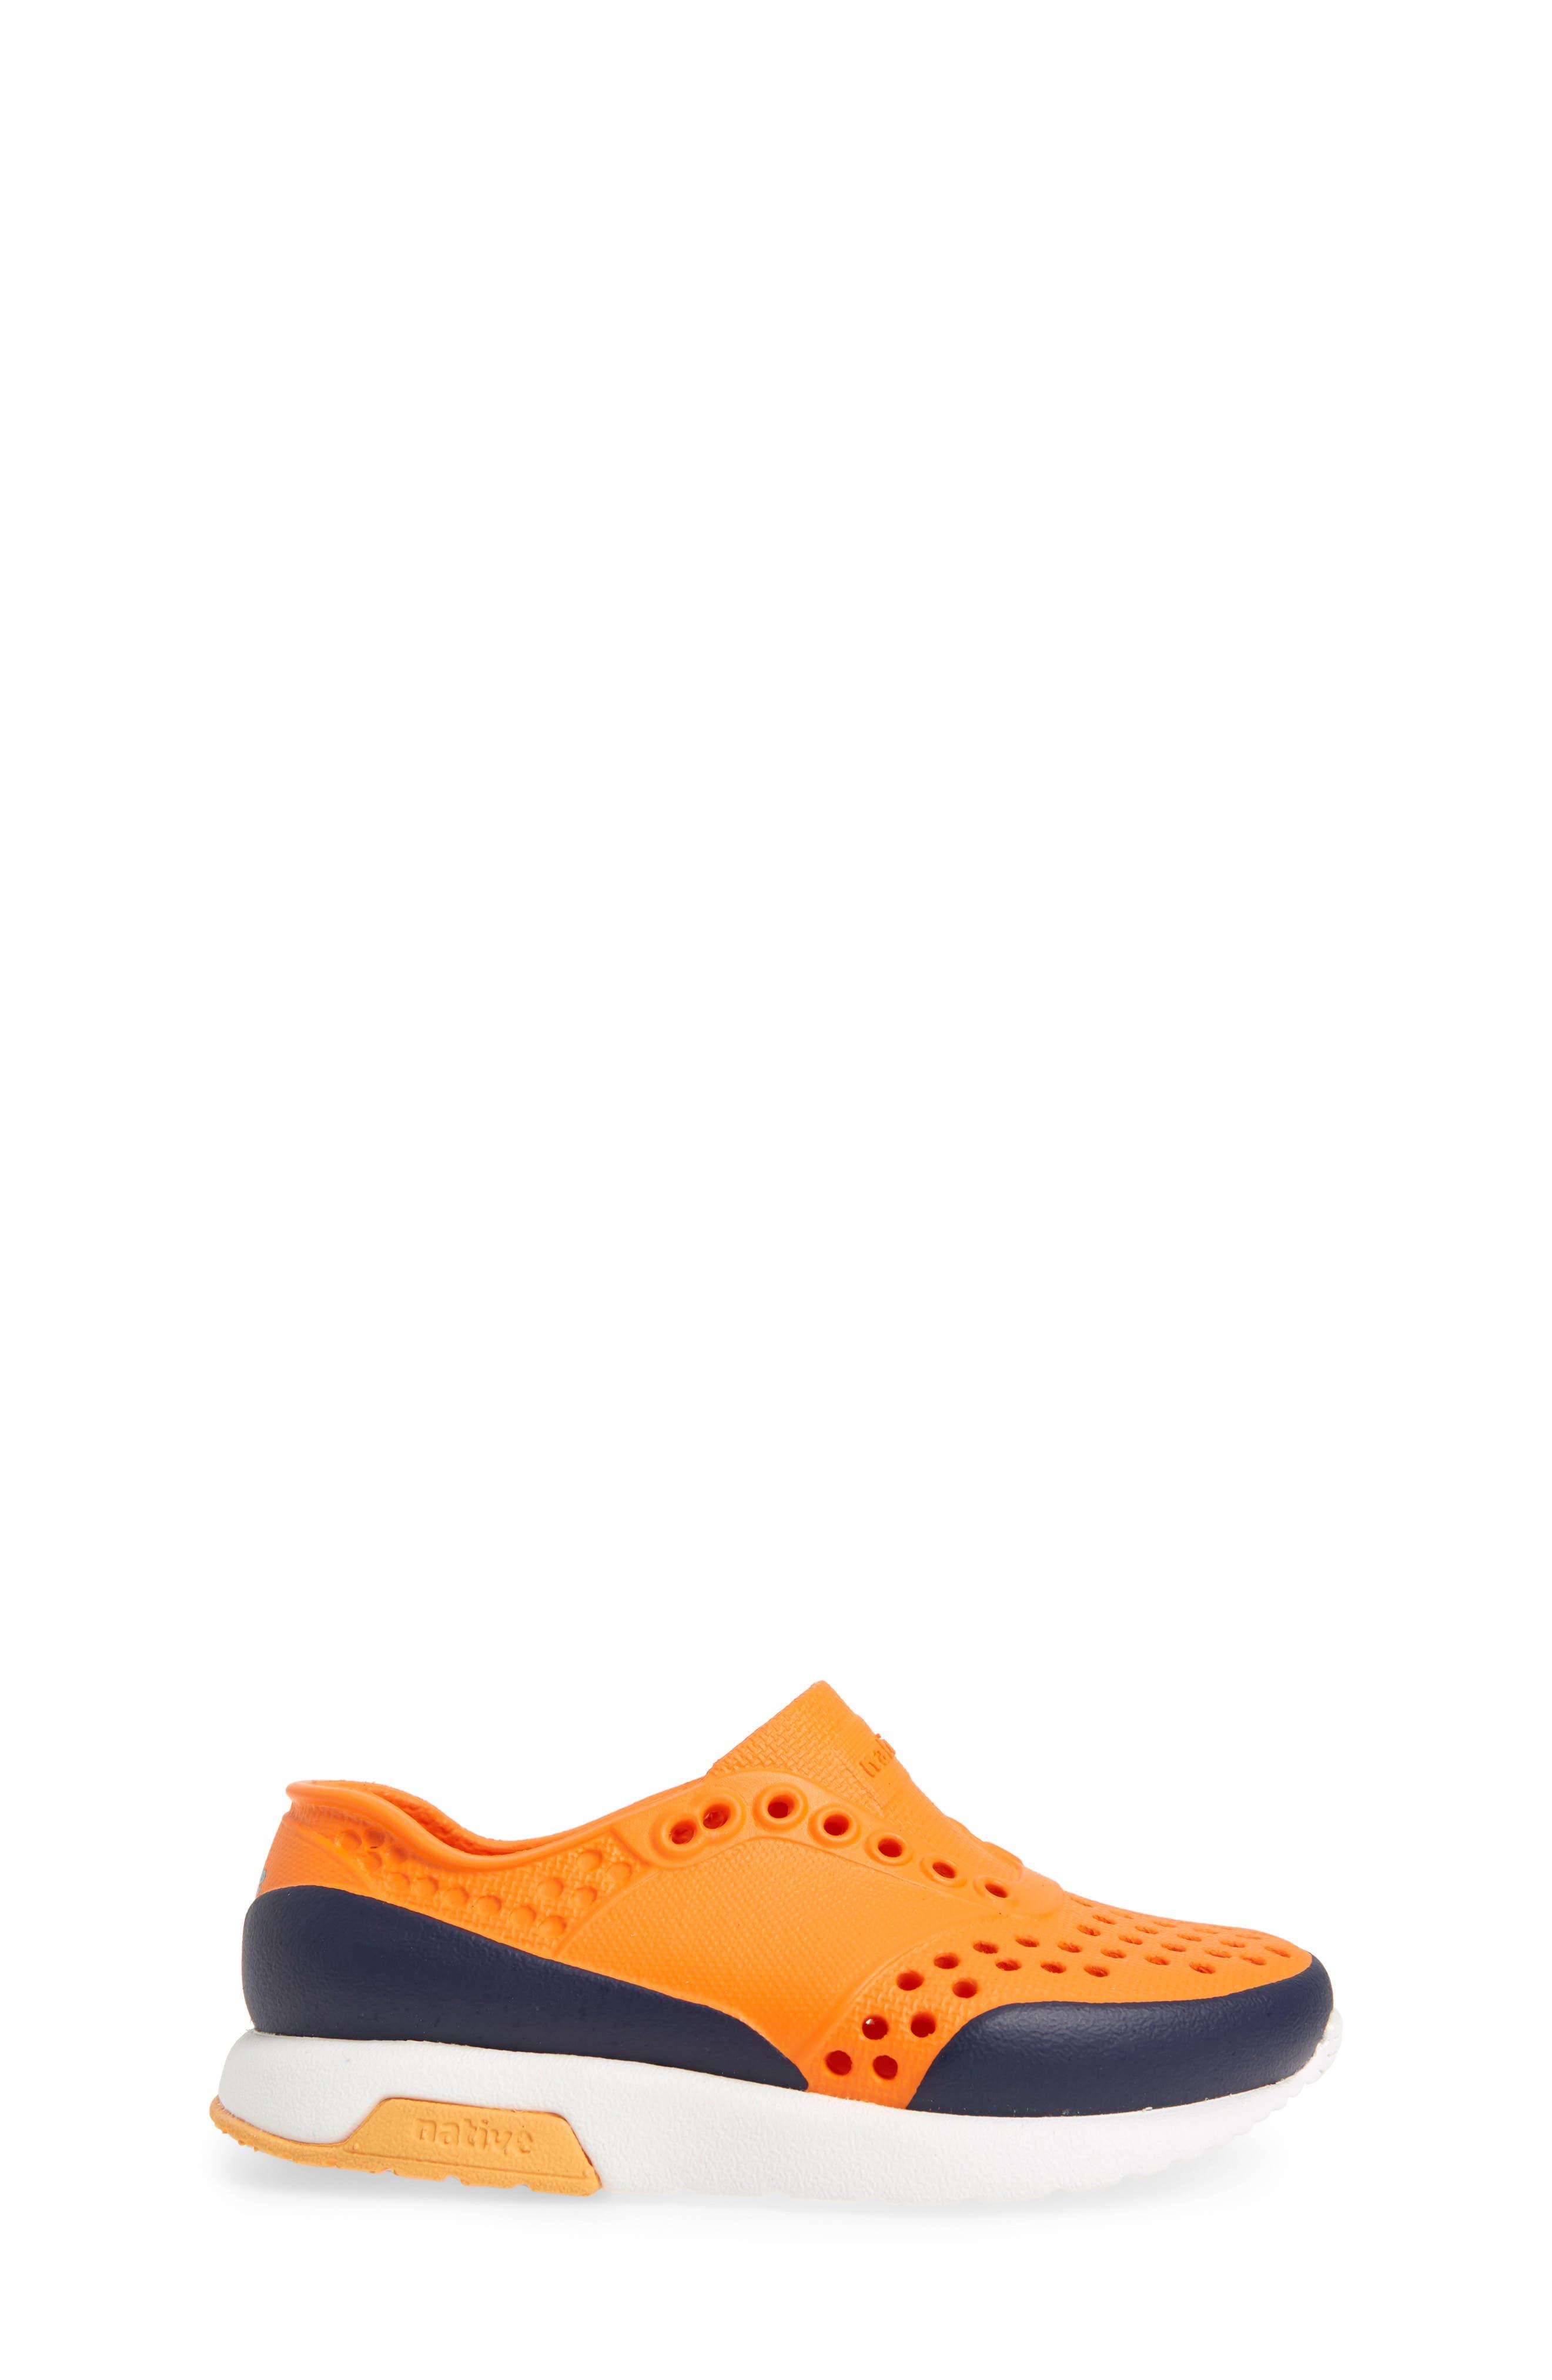 Lennox Block Slip-On Sneaker,                             Alternate thumbnail 3, color,                             Sunset Orange/ White/ Blue